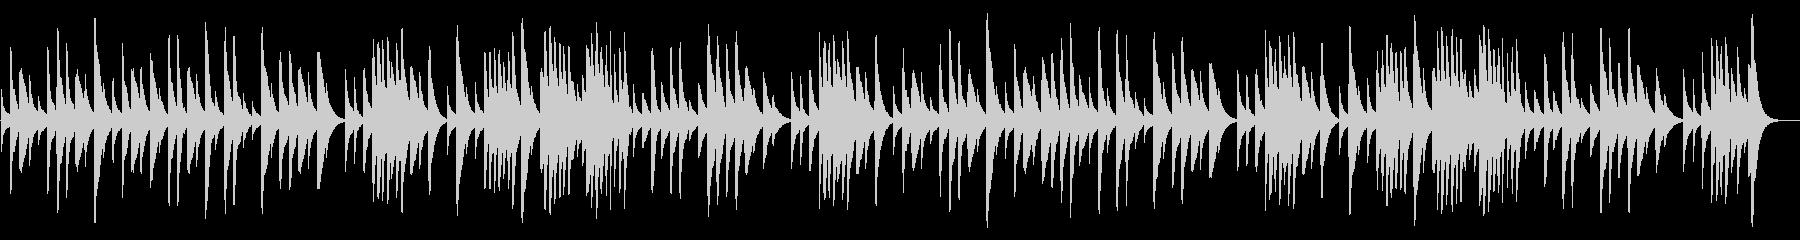 ショパンのノクターン 18弁オルゴールの未再生の波形